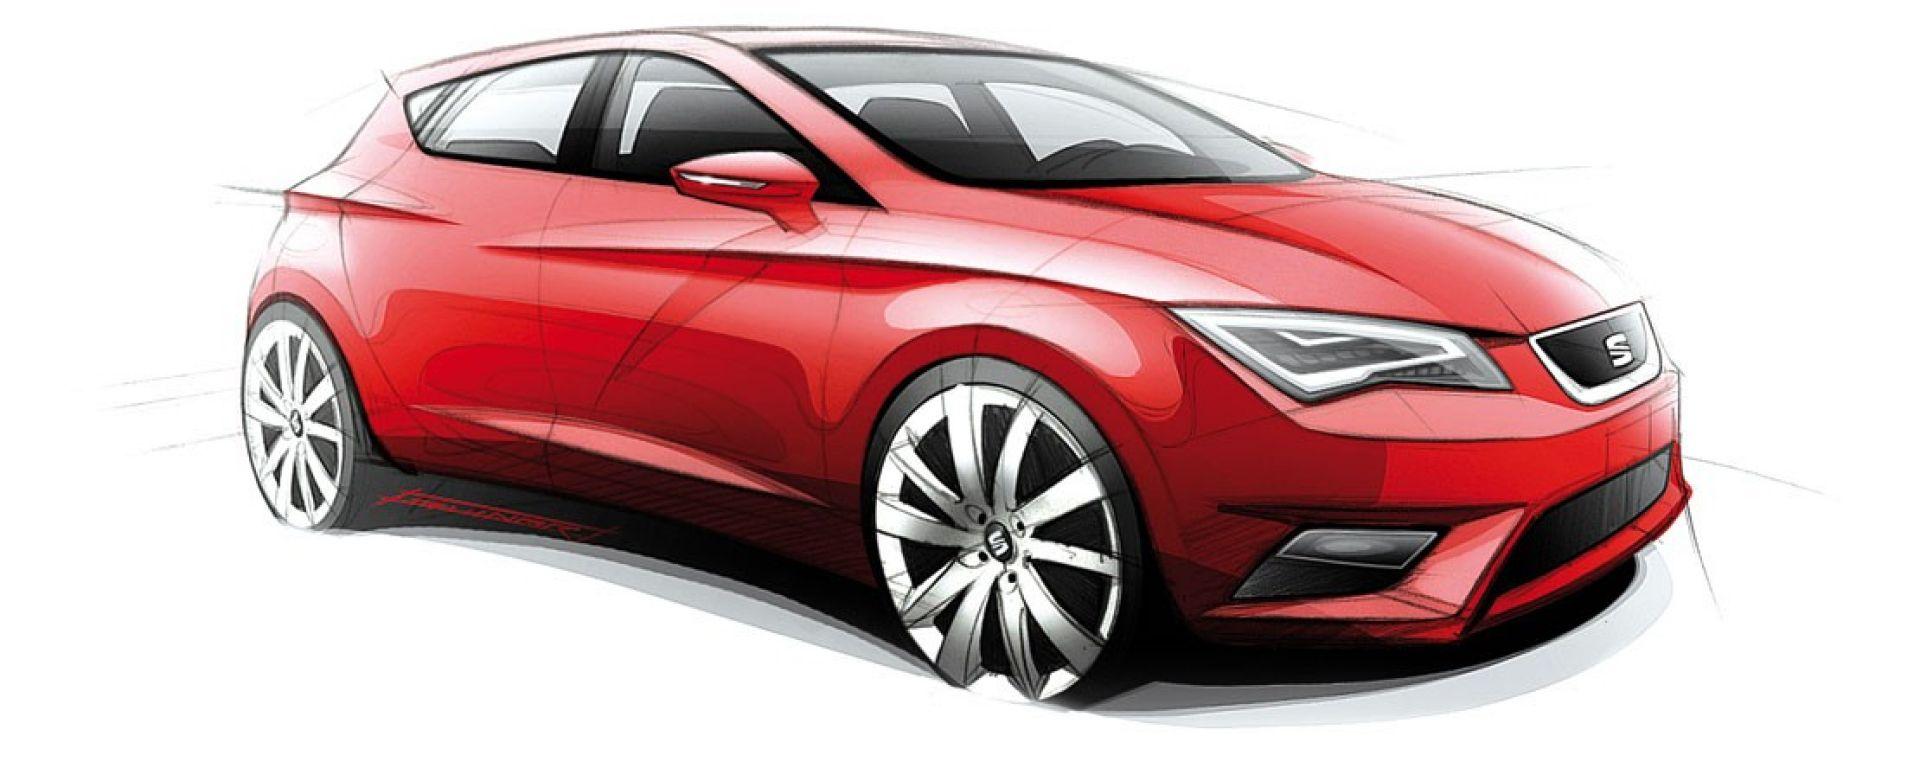 Nuova Seat Leon: nel 2020 sarà ibrida plug-in